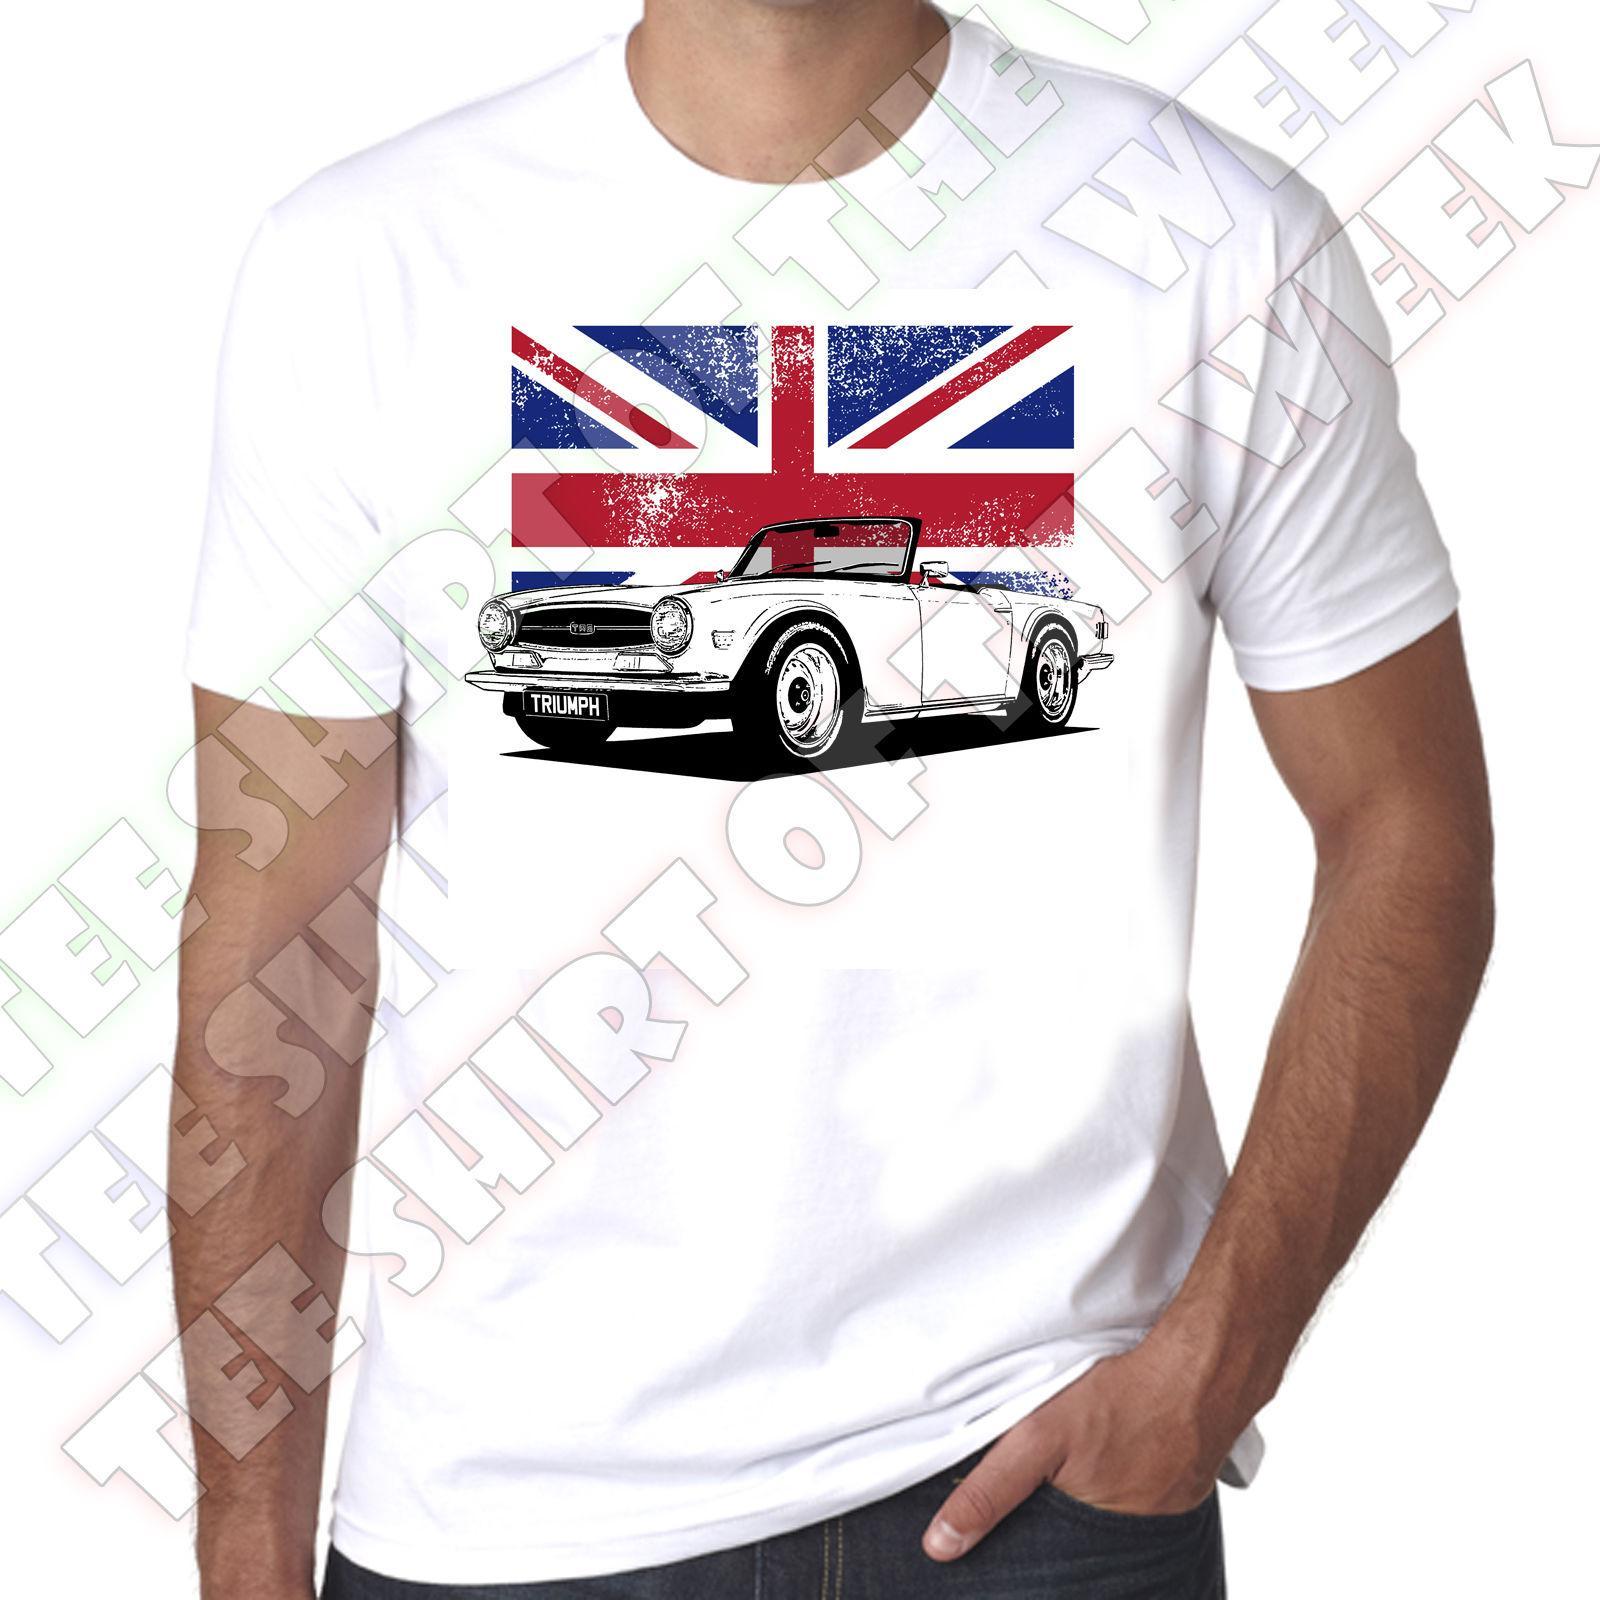 Triumph Tr6 Union Jack Mens Personalisable 100 Cotton White T Shirt